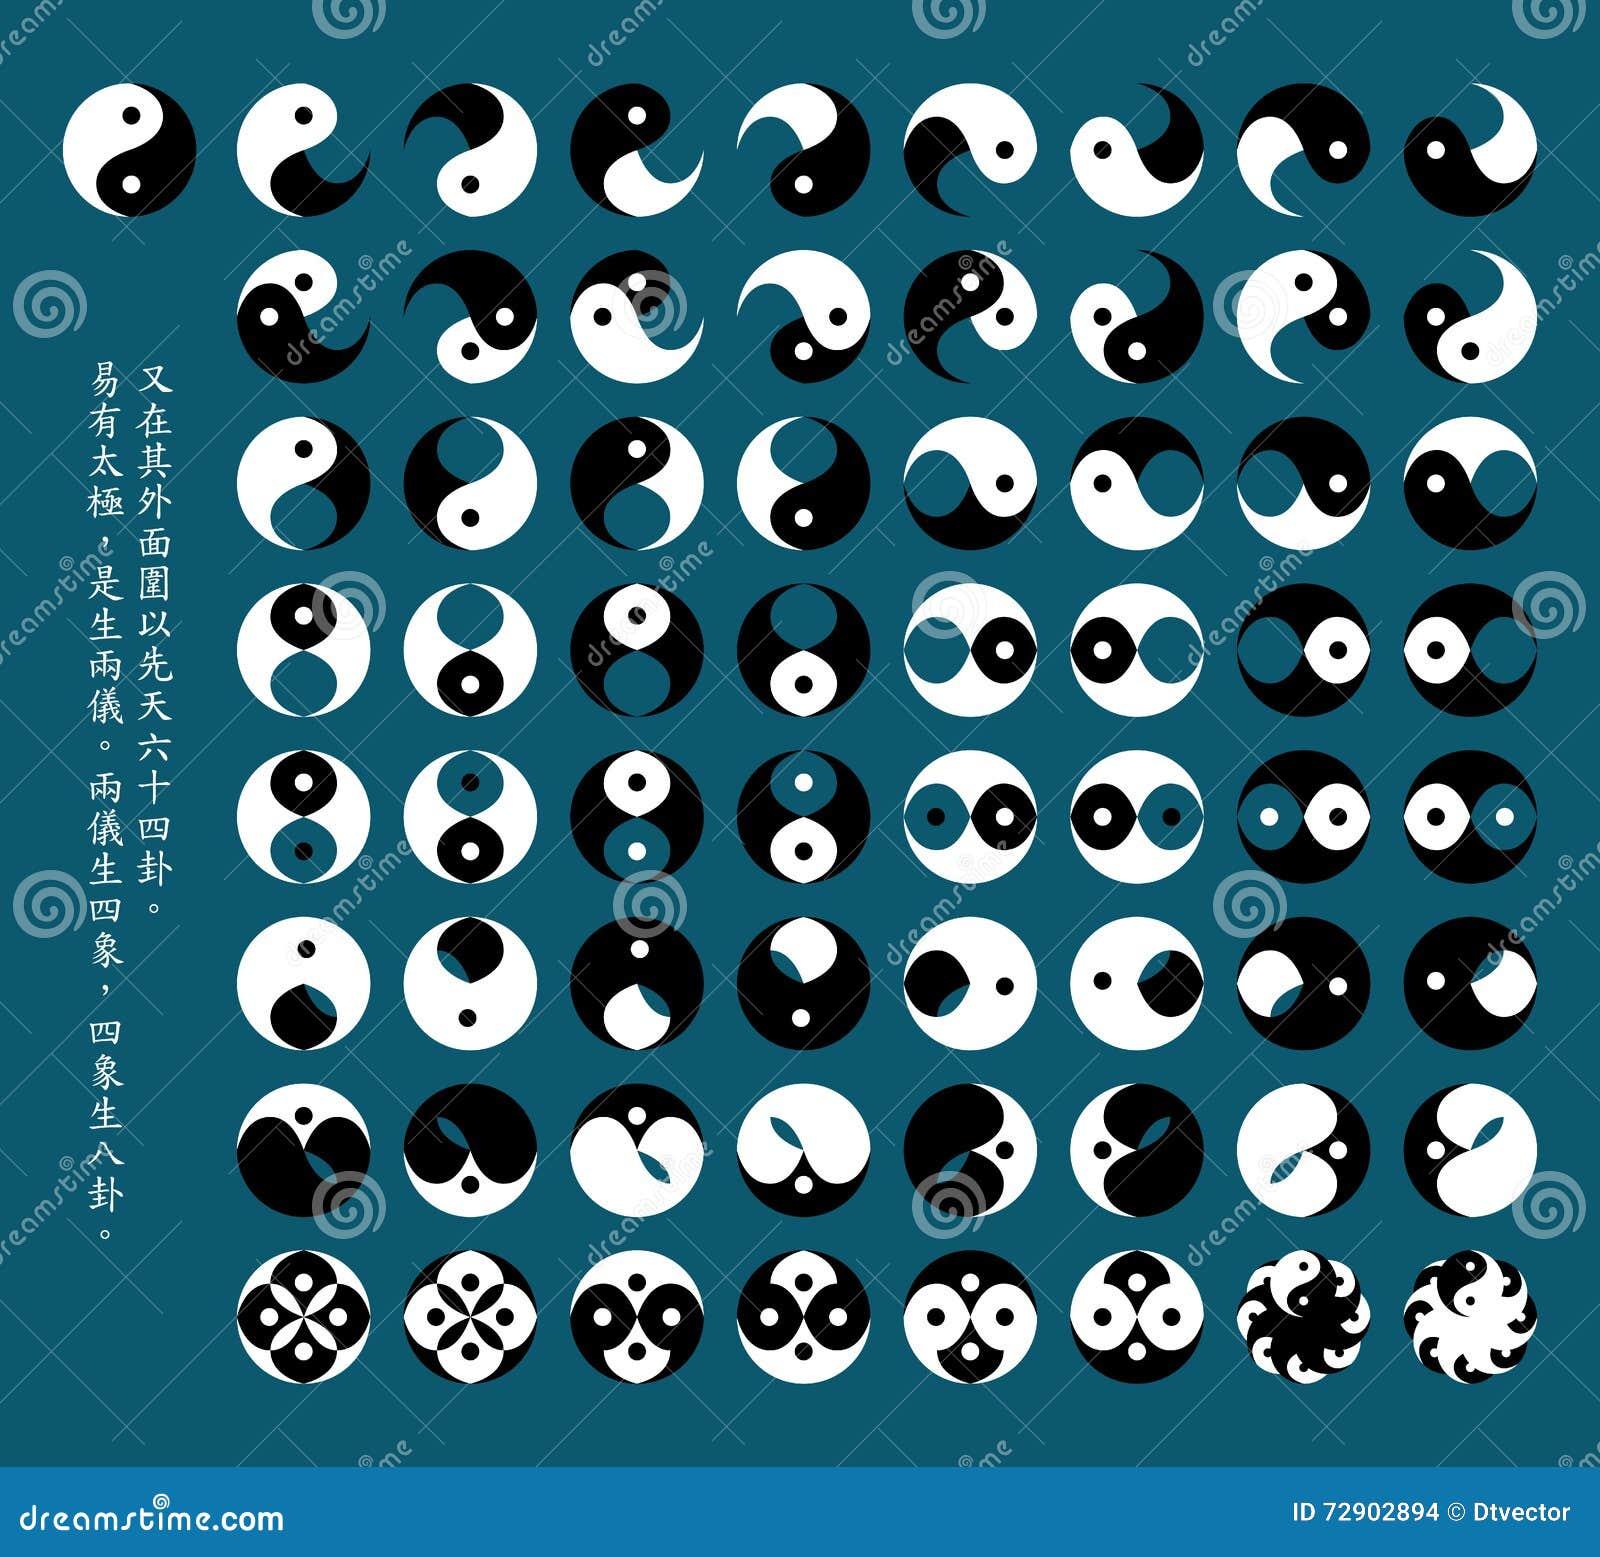 Yi Jing Tai Ji 64 sign set